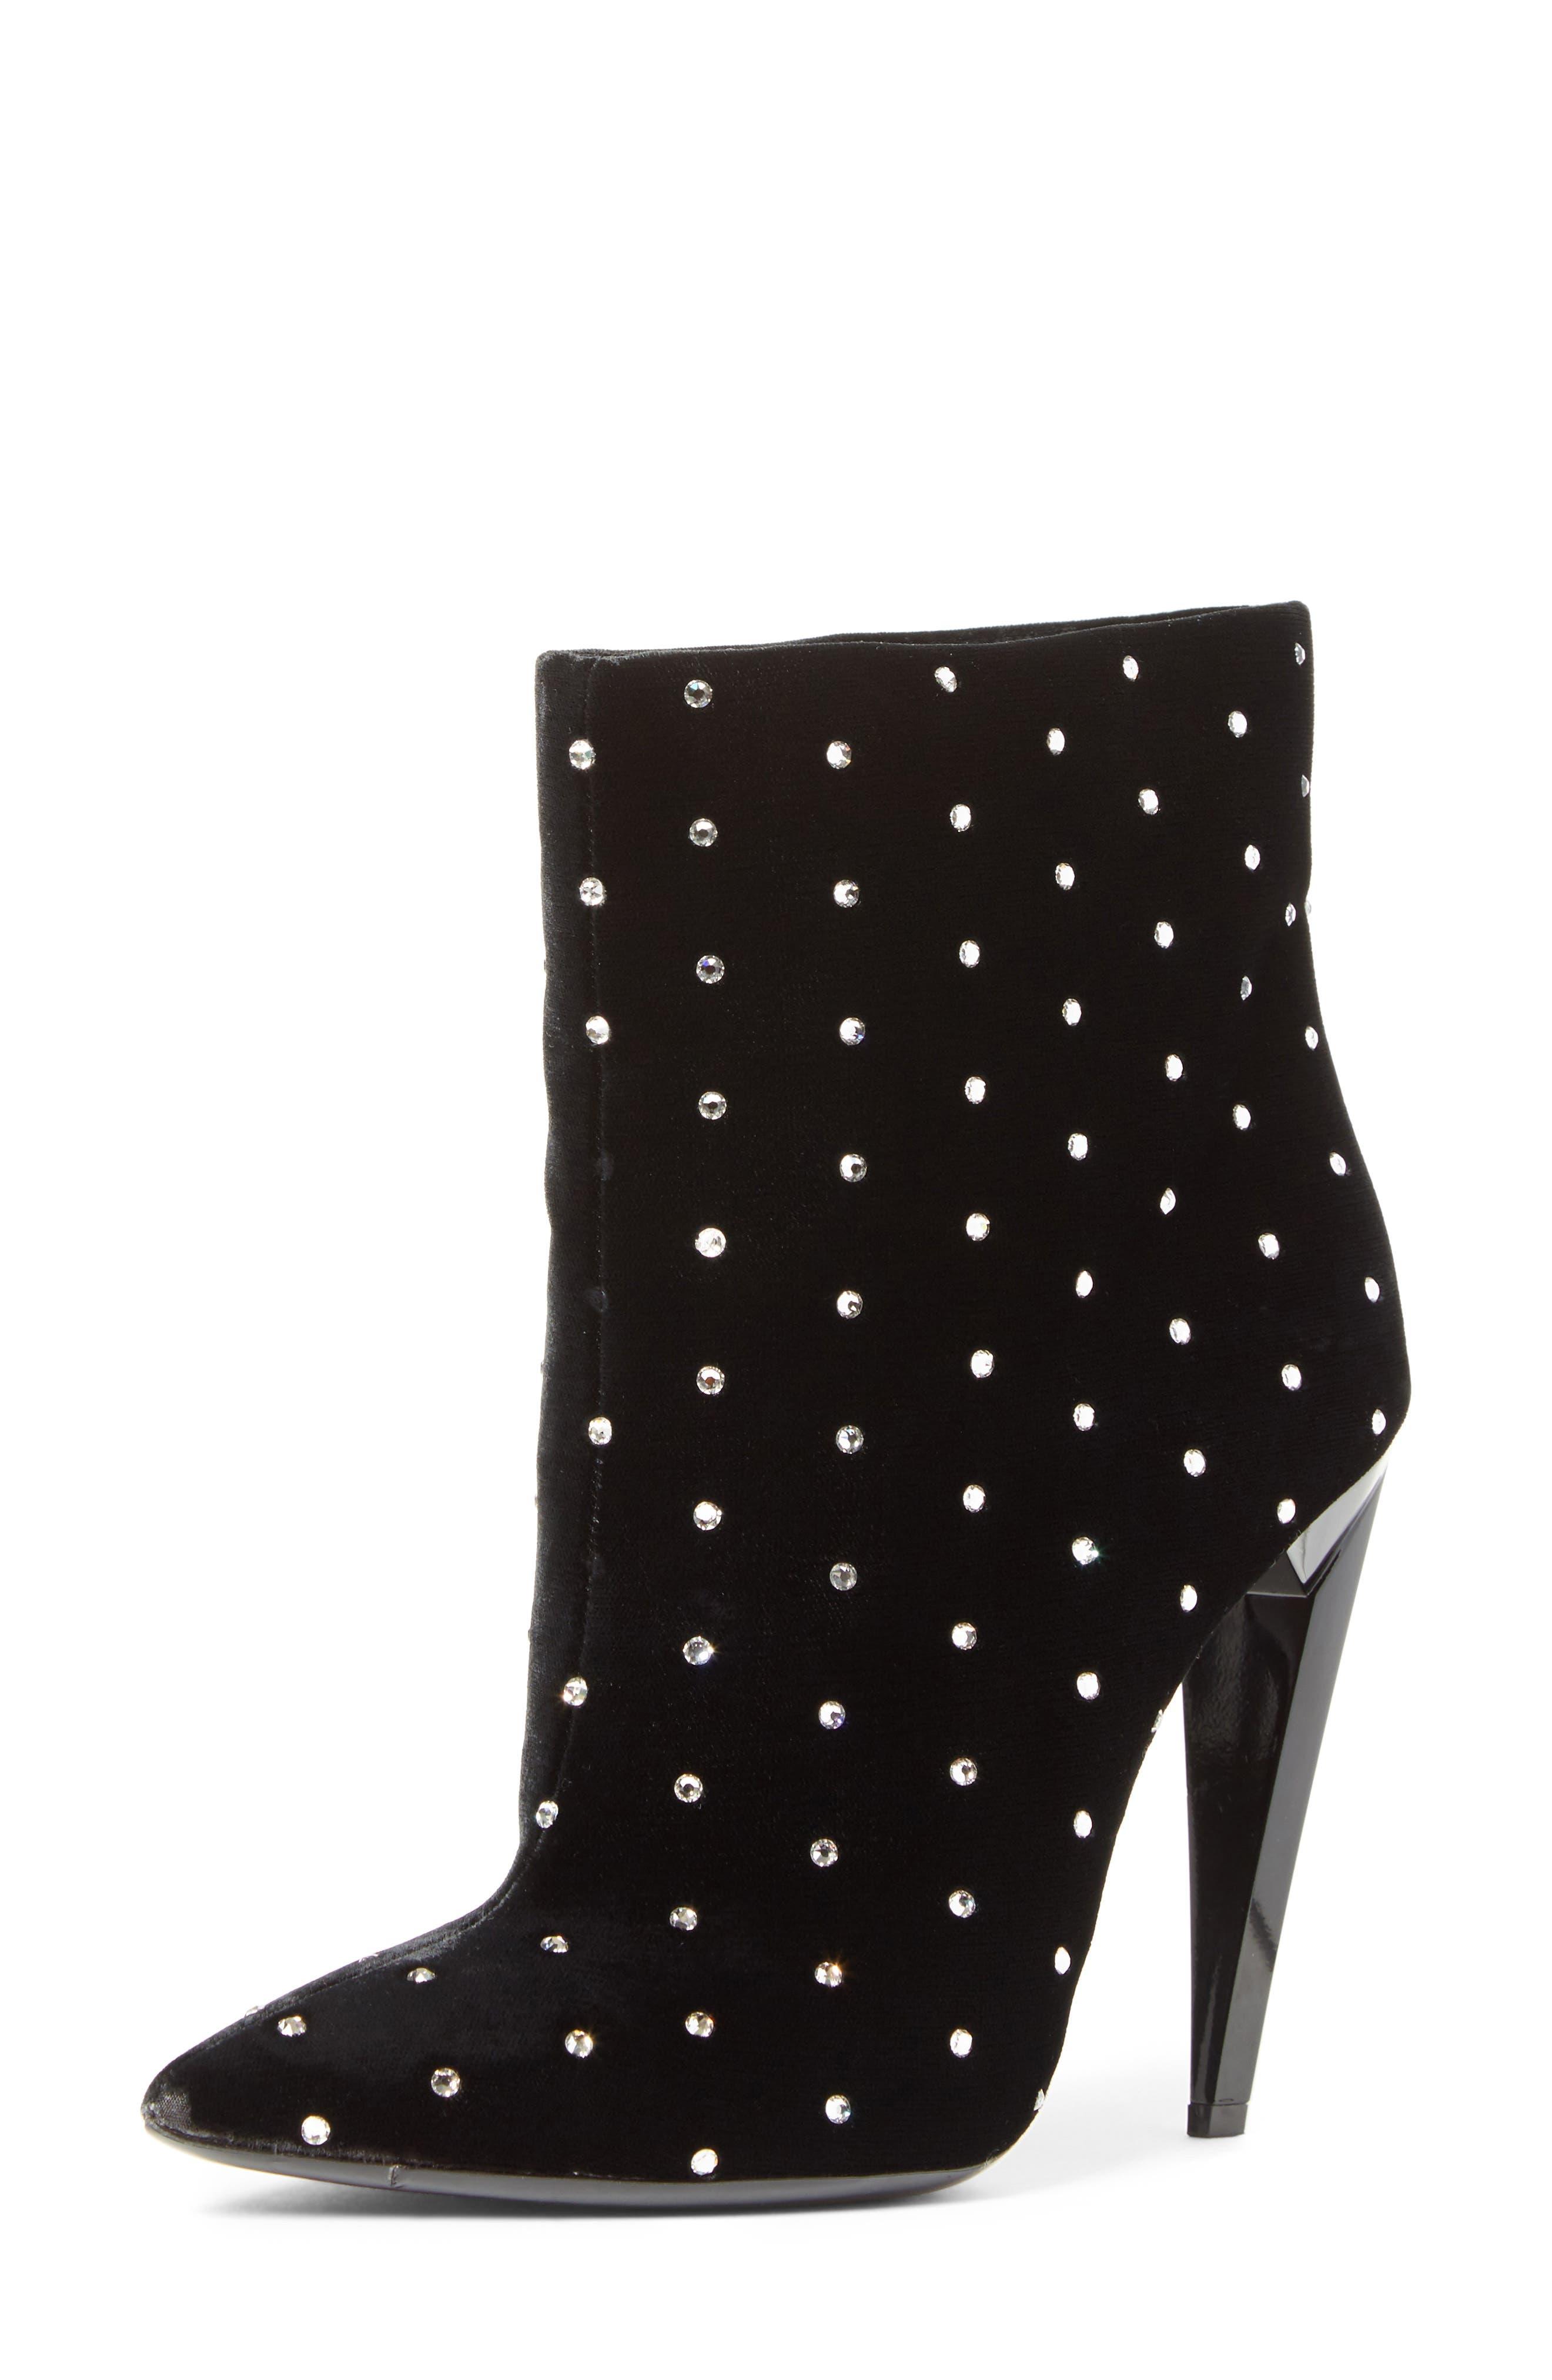 Main Image - Saint Laurent Freja Embellished Broken Heel Bootie (Women)